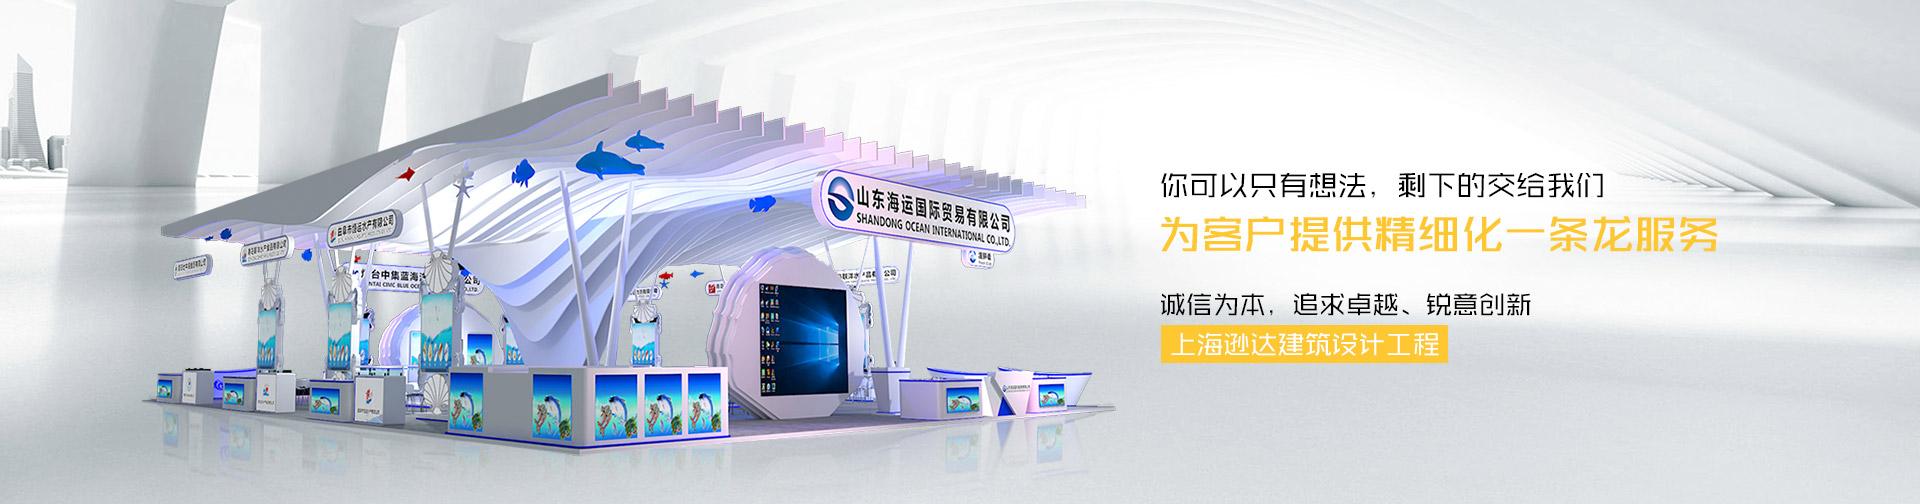 上海逊达建筑设计工程有限公司